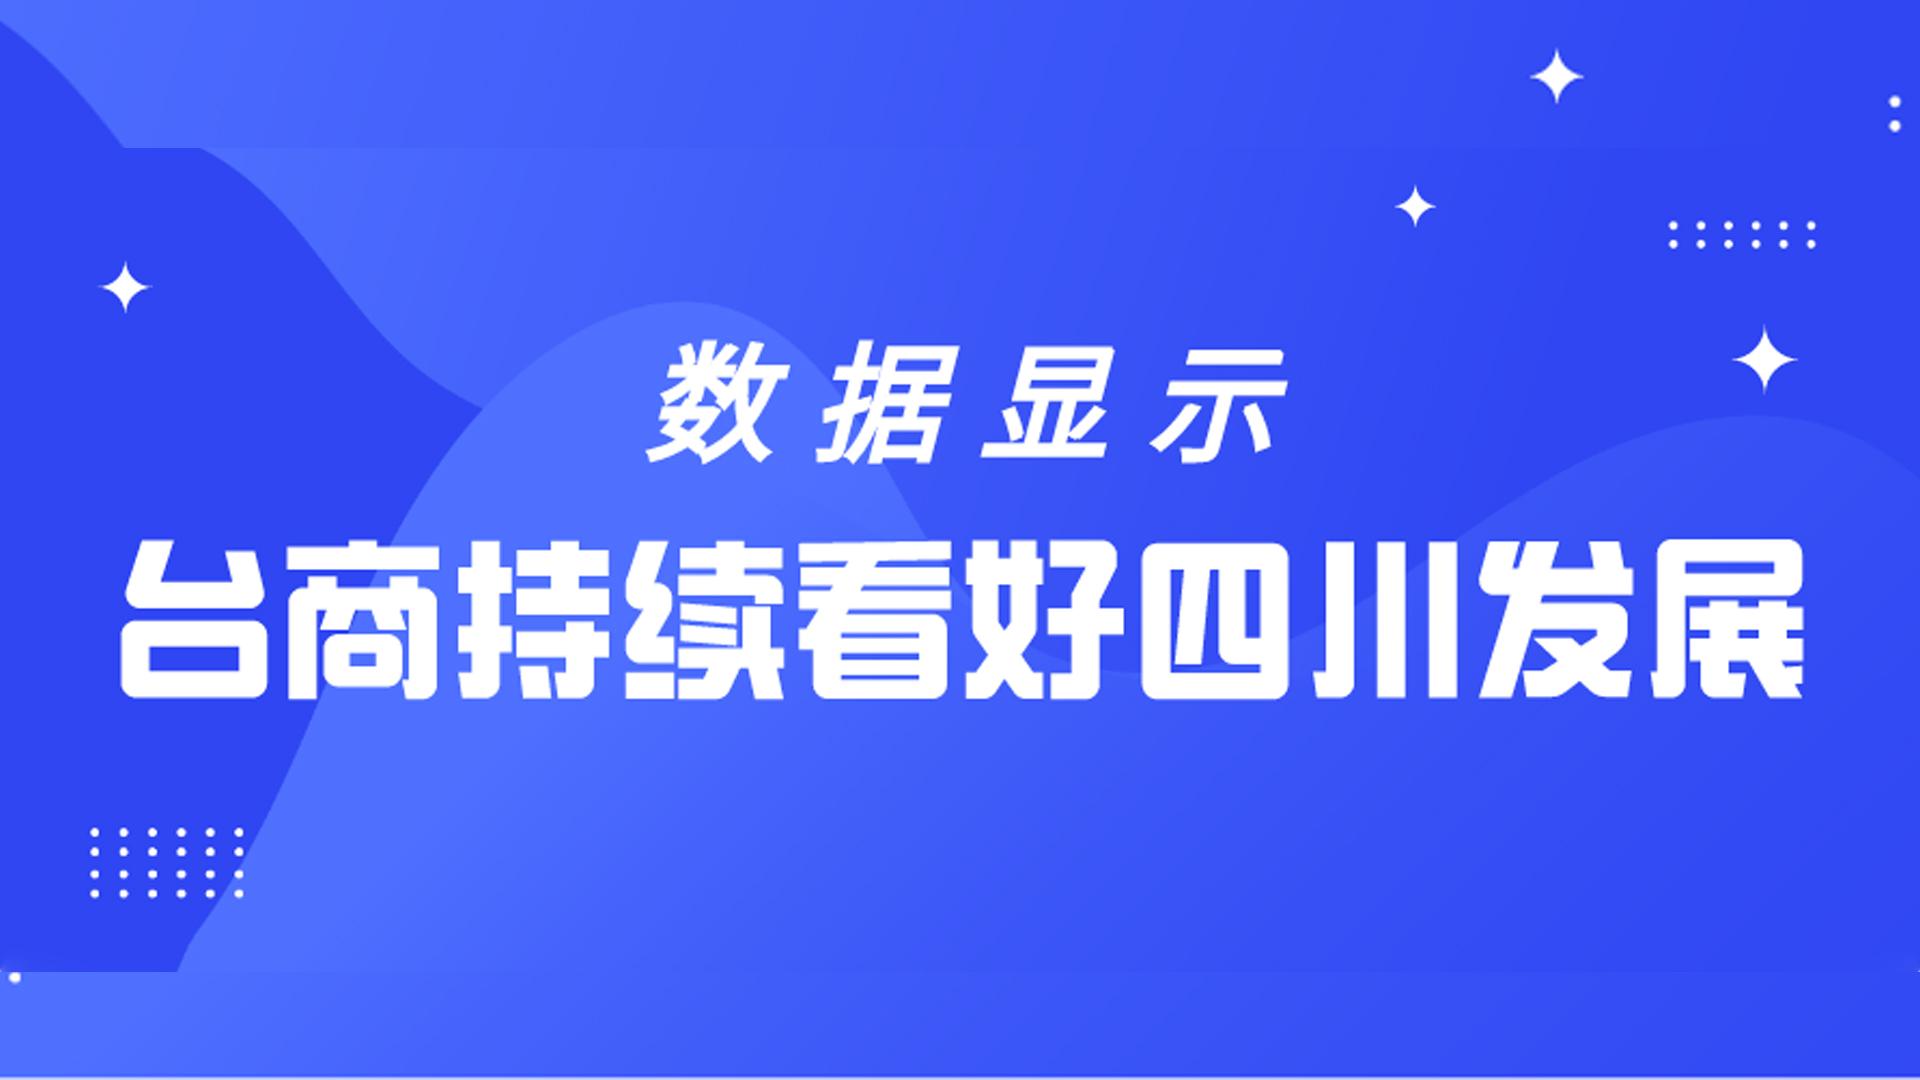 台商持续看好四川发展.jpg